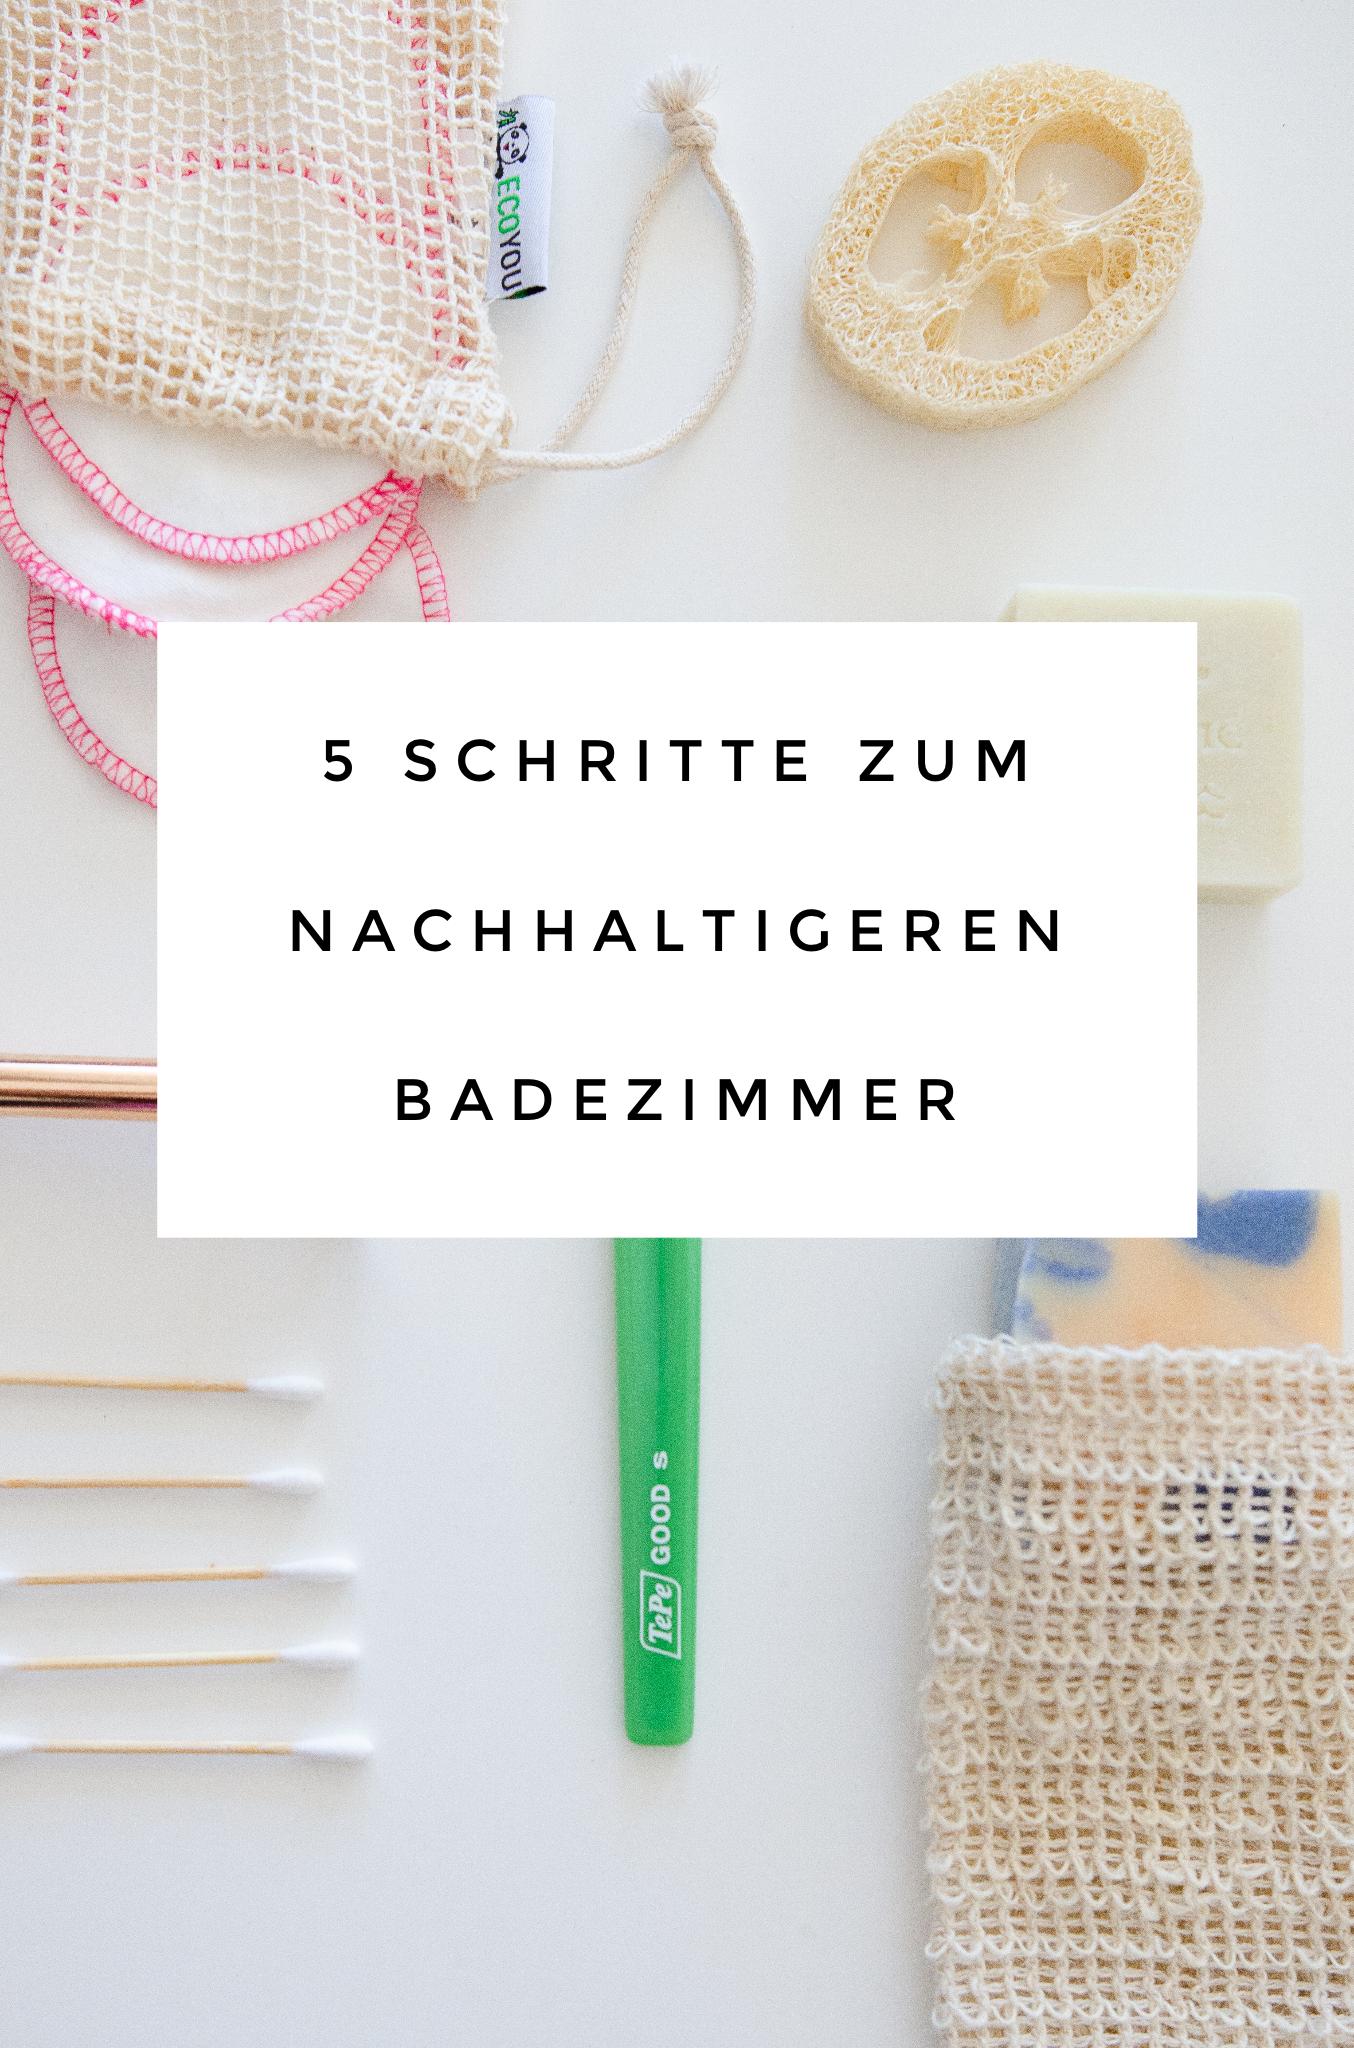 5 Schritte zum nachhaltigeren Badezimmer - mit TePe GOOD, Seife und Rasierhobel